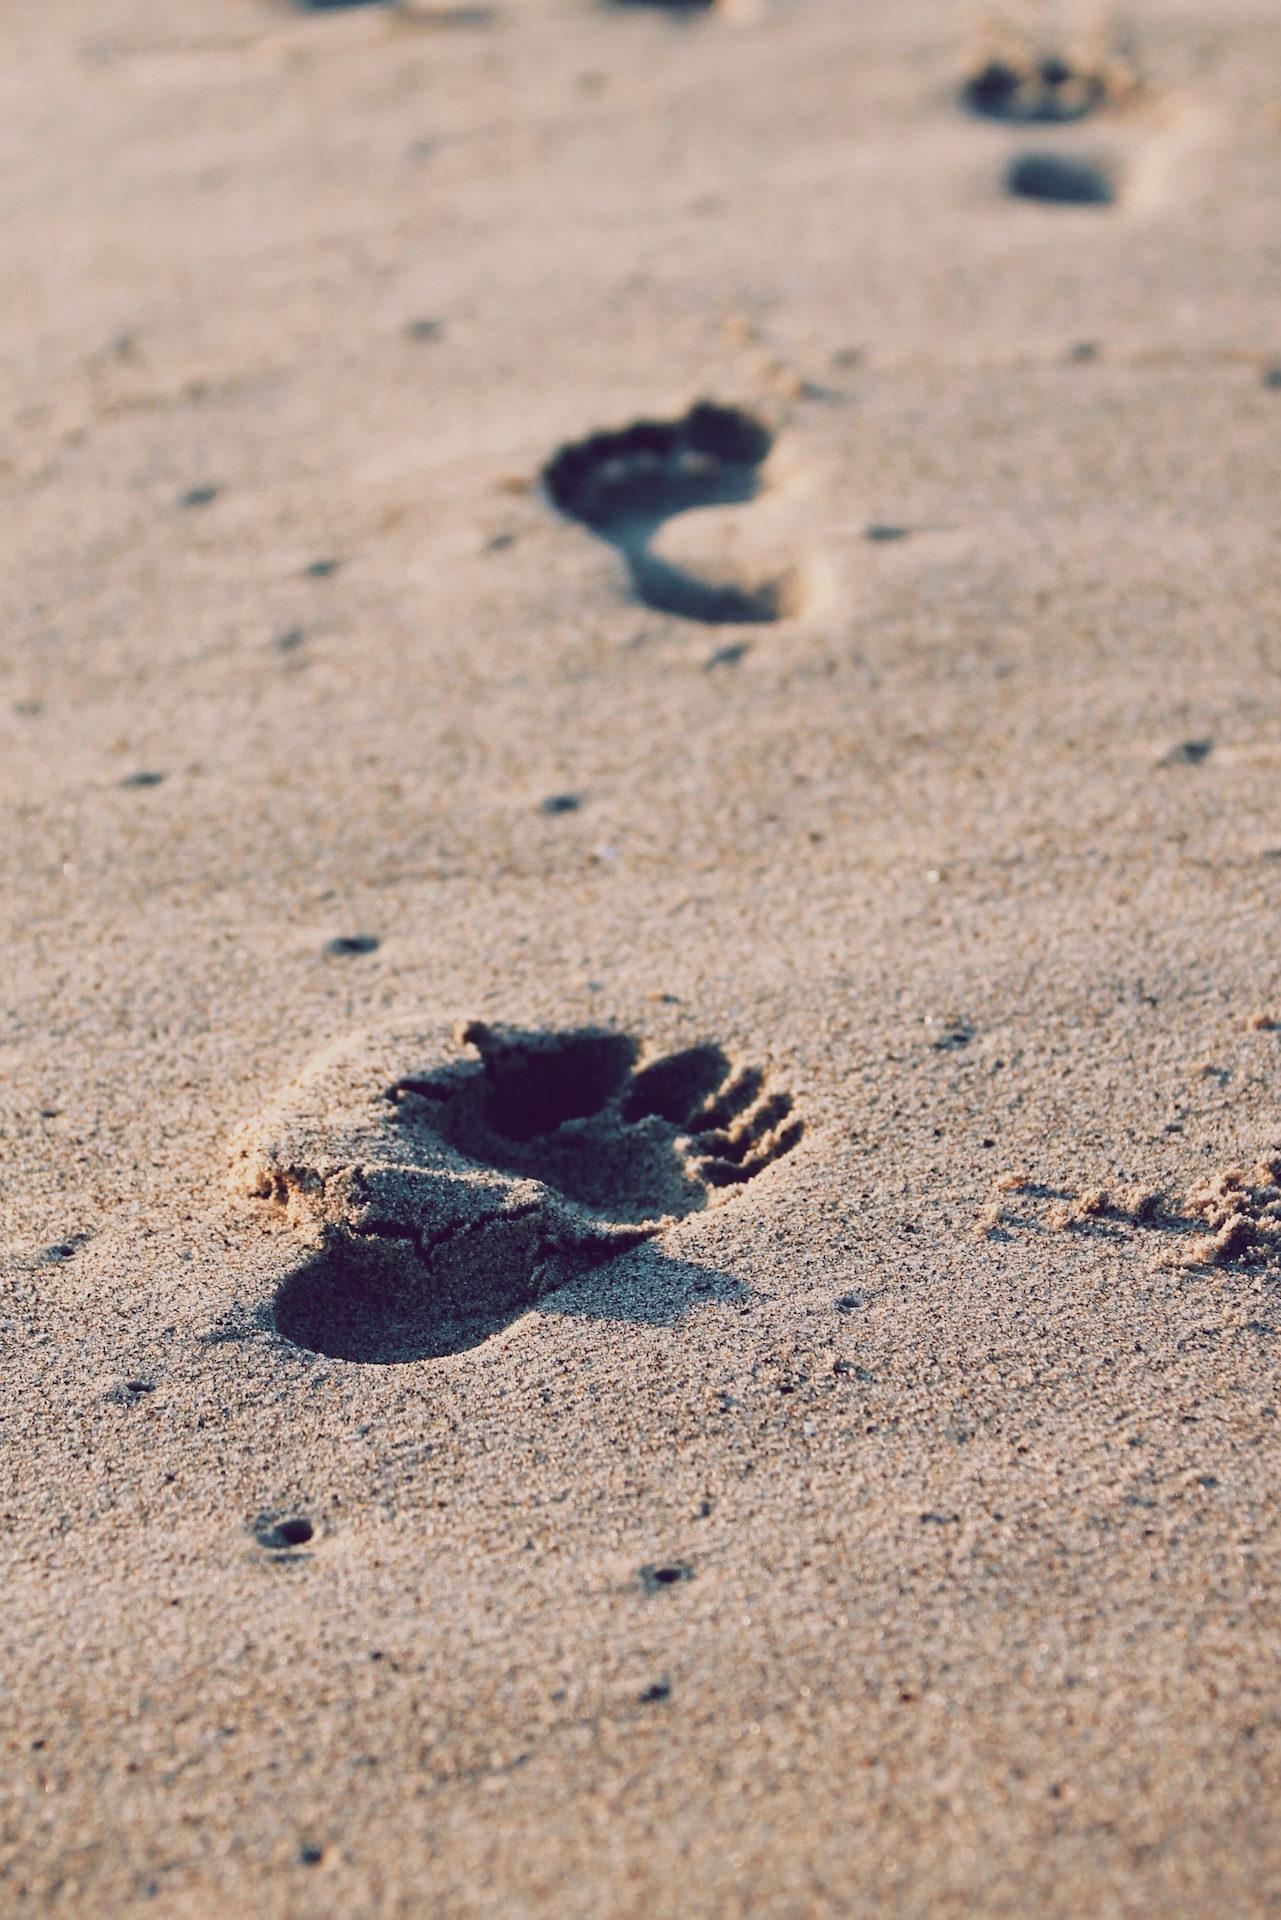 empreintes de pas, traces, sable, Plage, pieds - Fonds d'écran HD - Professor-falken.com